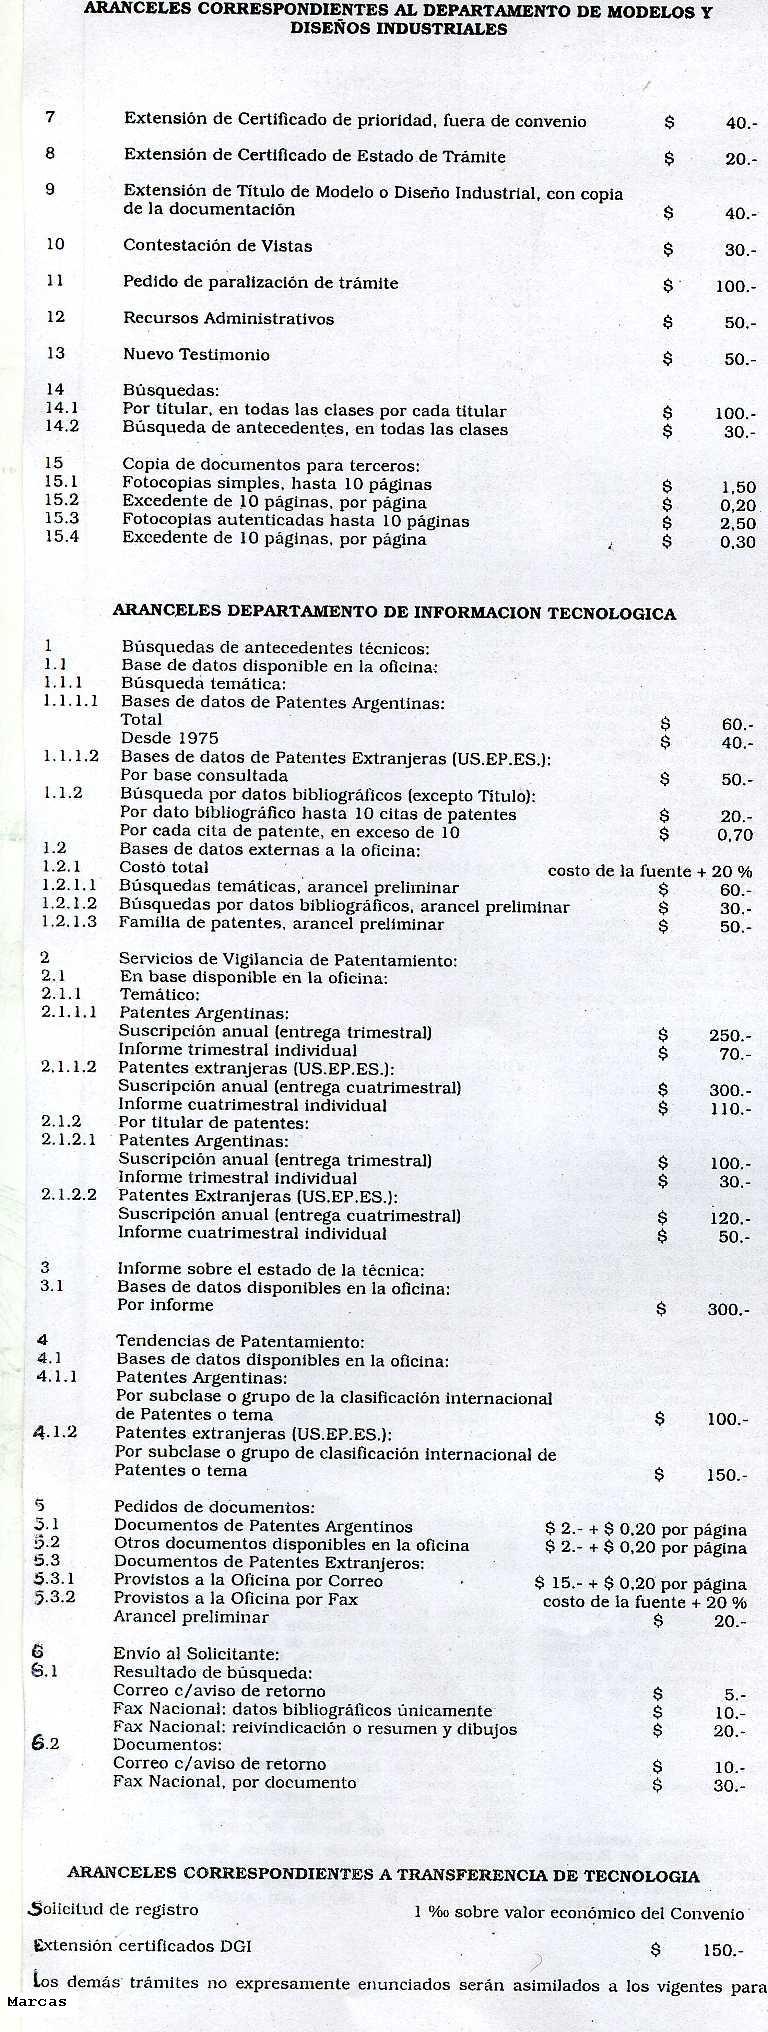 dto590-4.jpg